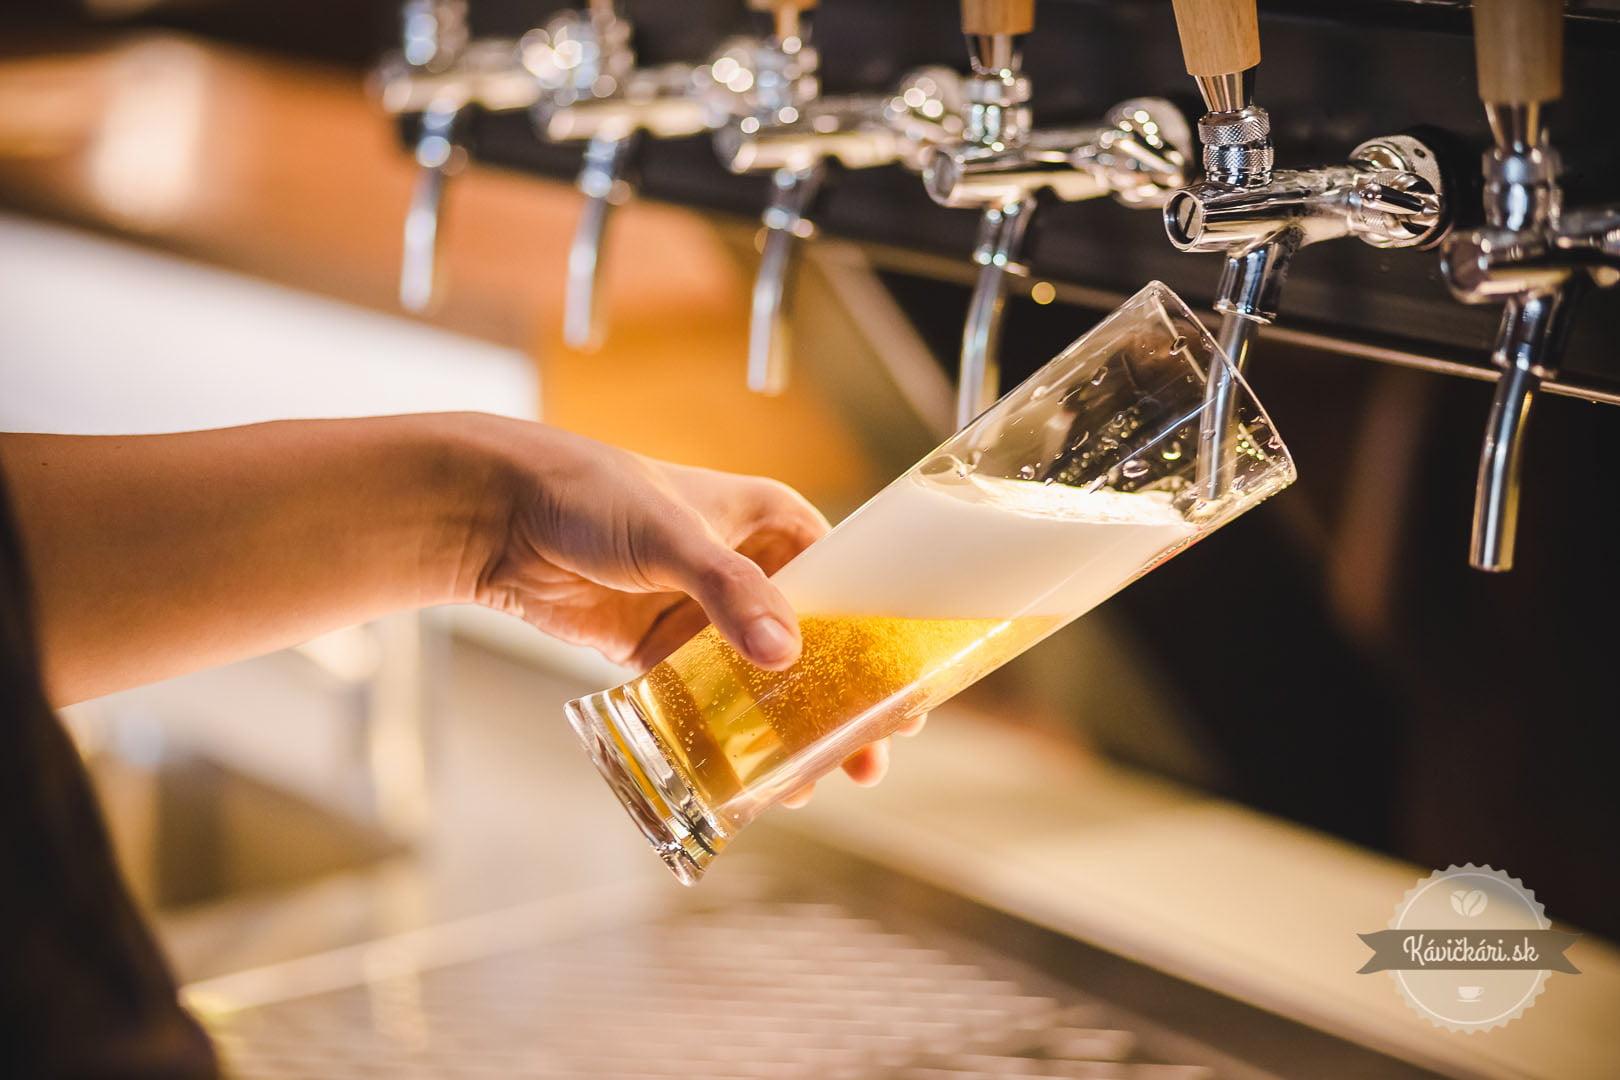 čapované pivo centrálna klubovňa